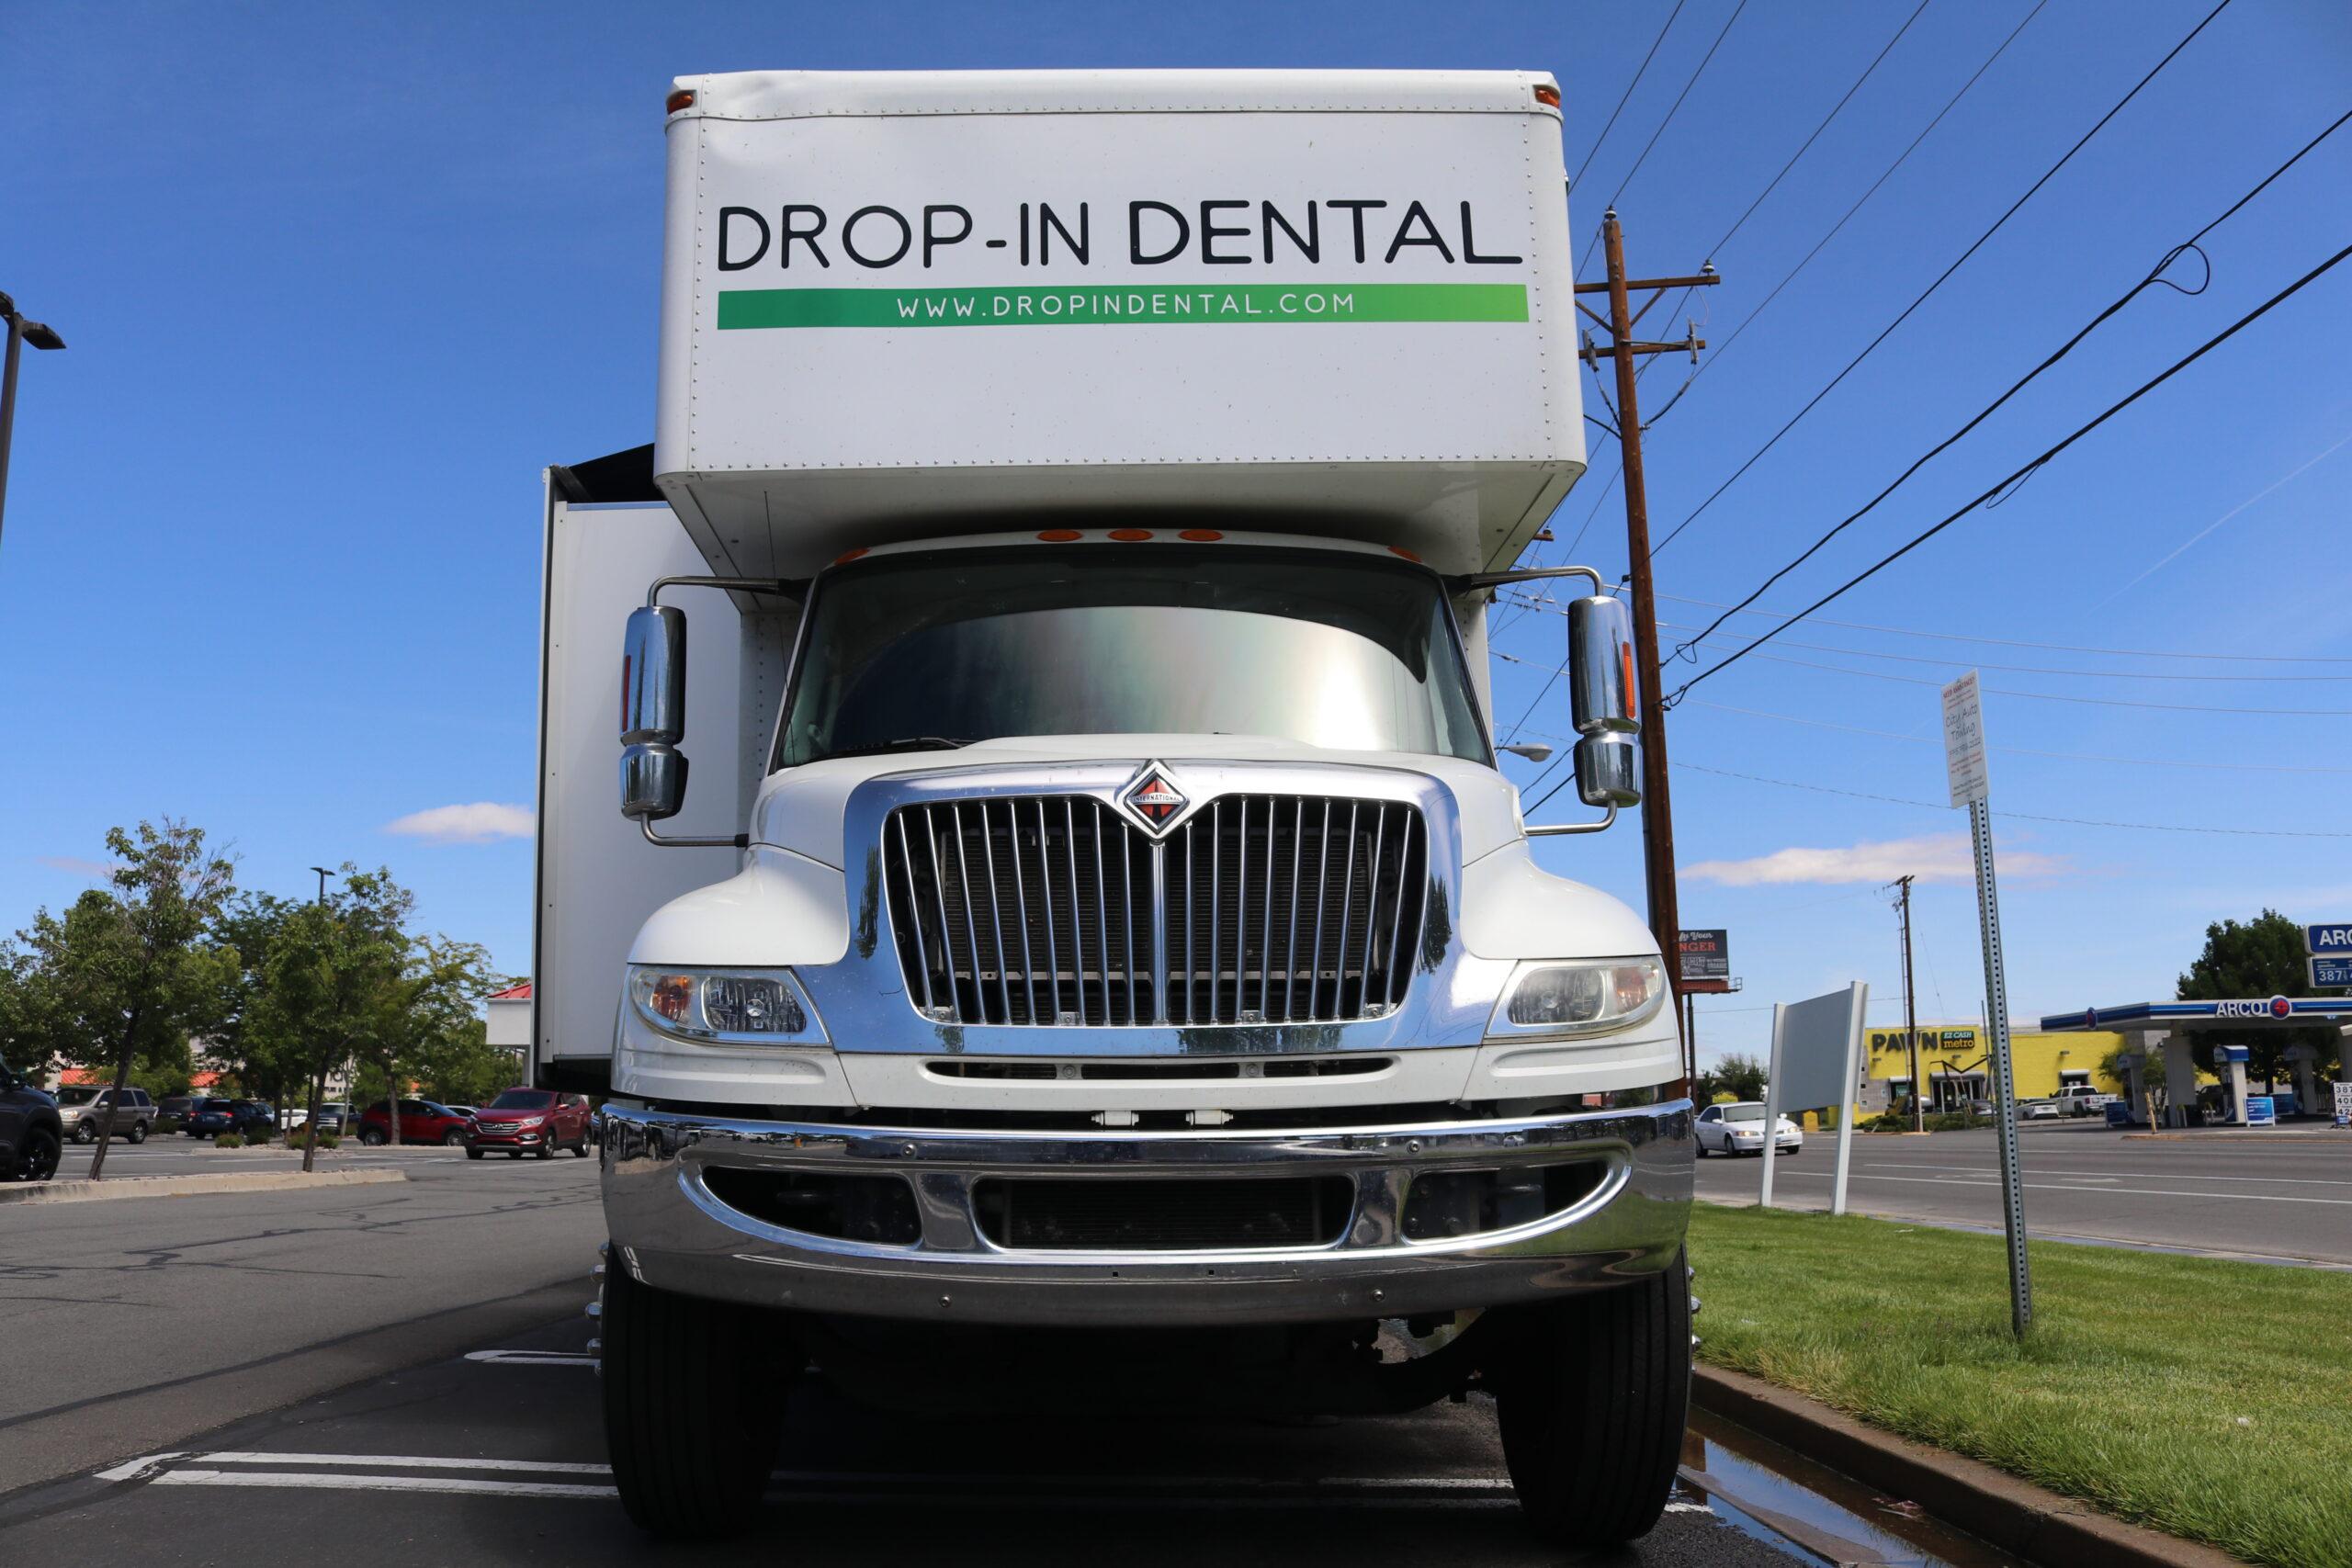 drop in dental truck